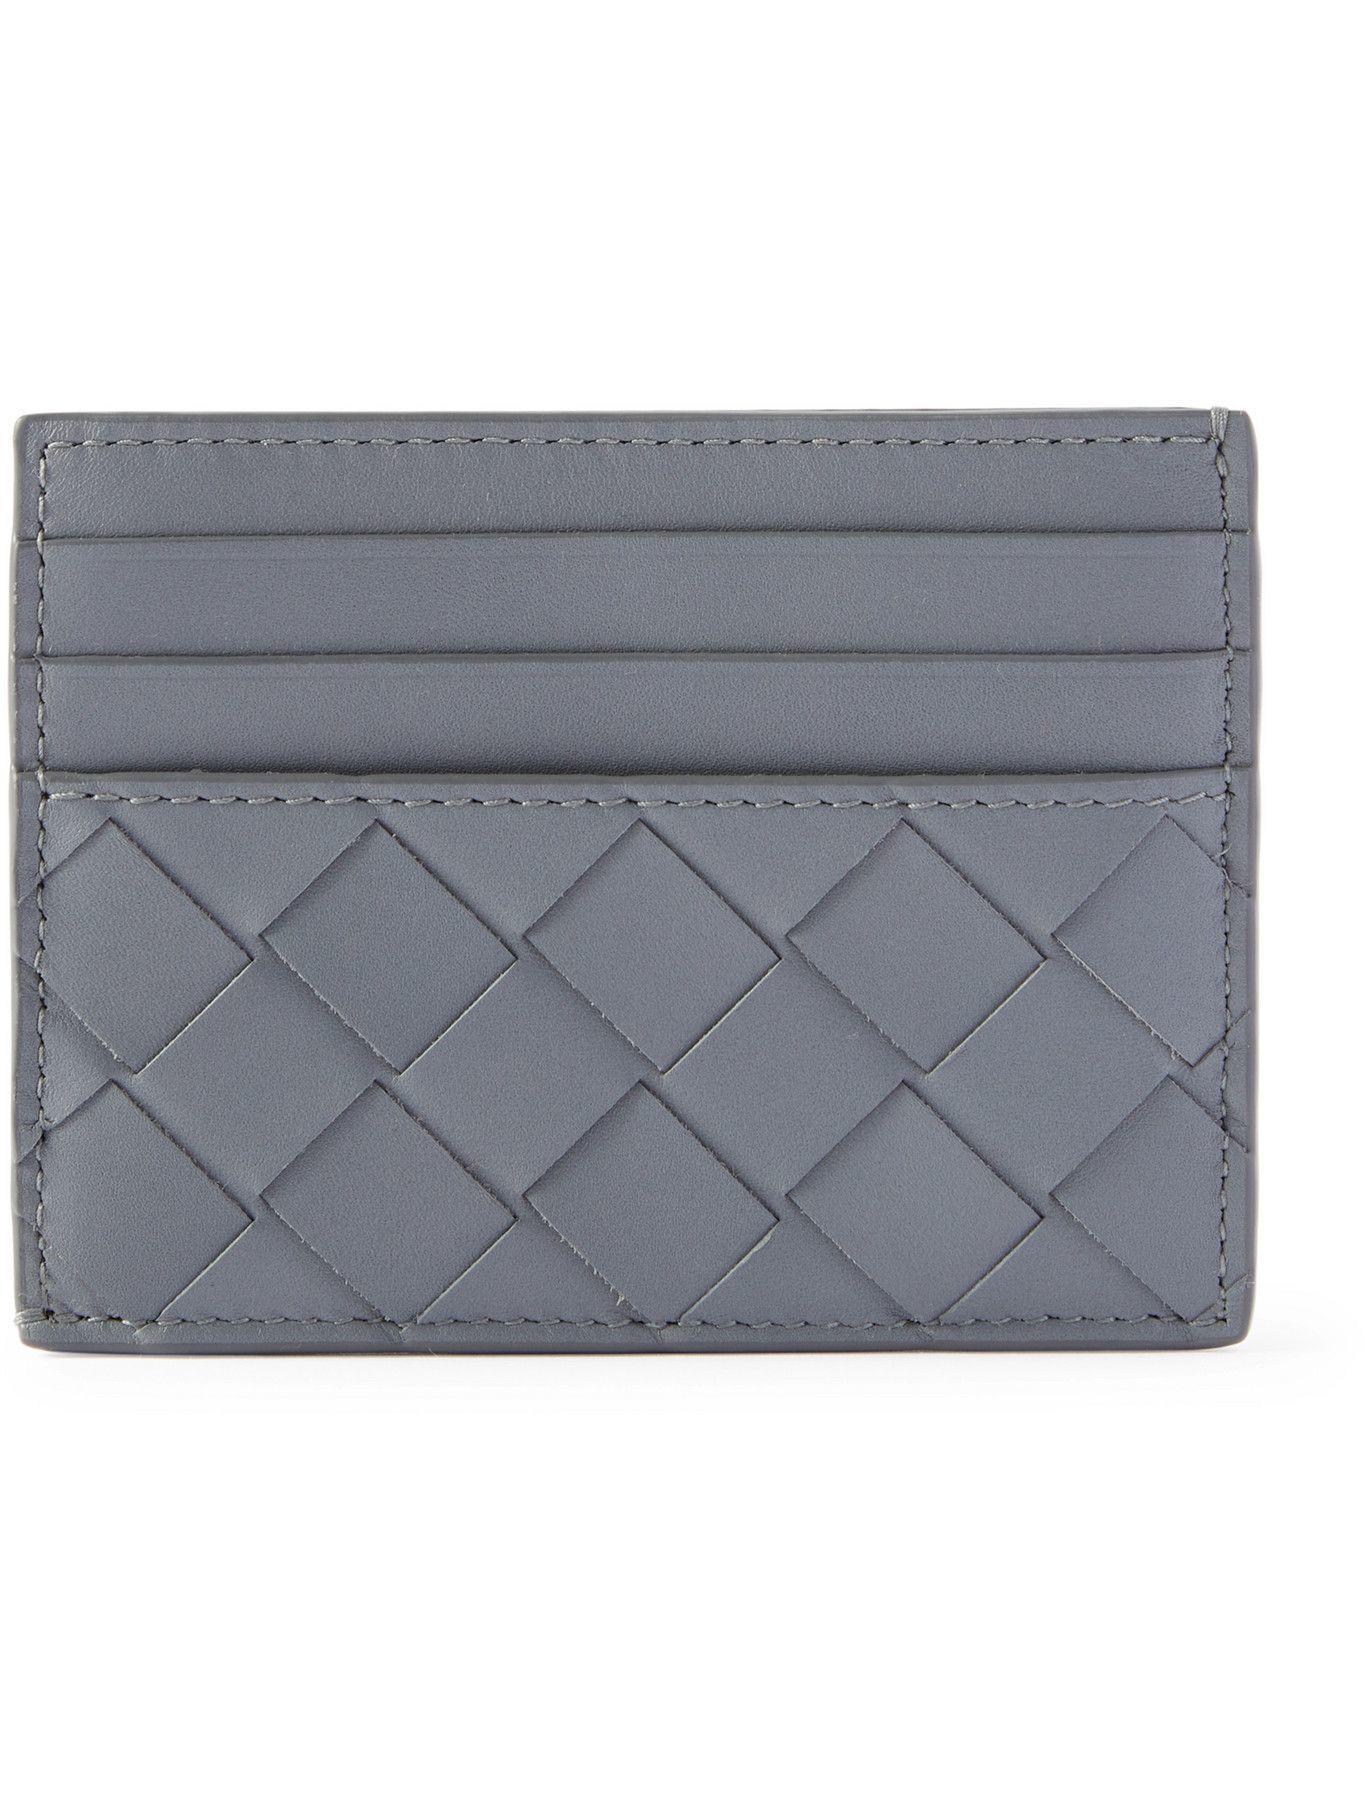 Bottega Veneta - Intrecciato Leather Cardholder